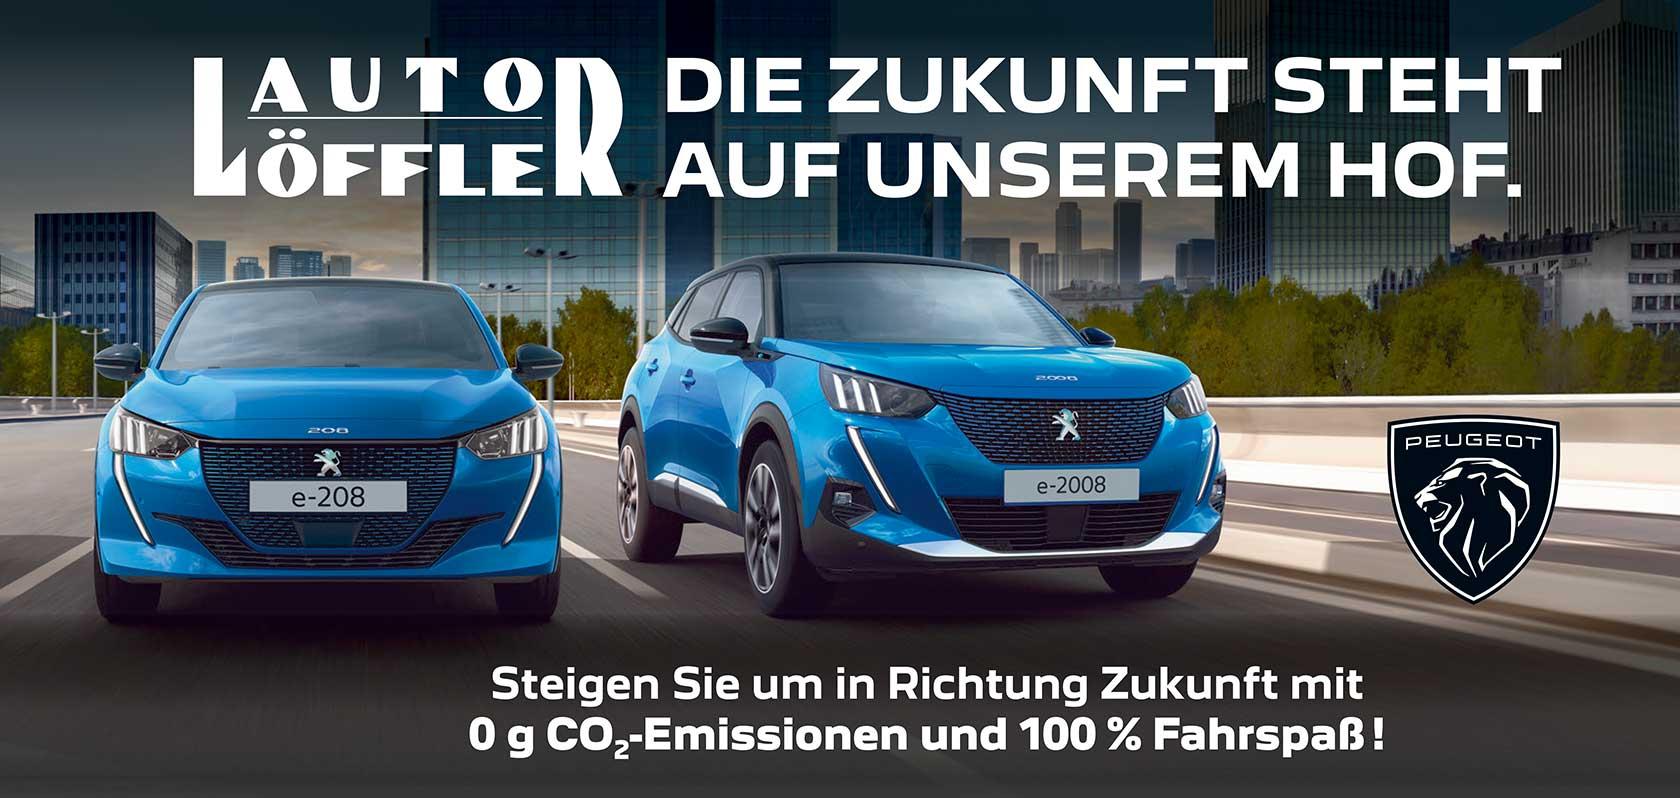 Auto Löffler - Die Zukunft steht auf unserem Hof.